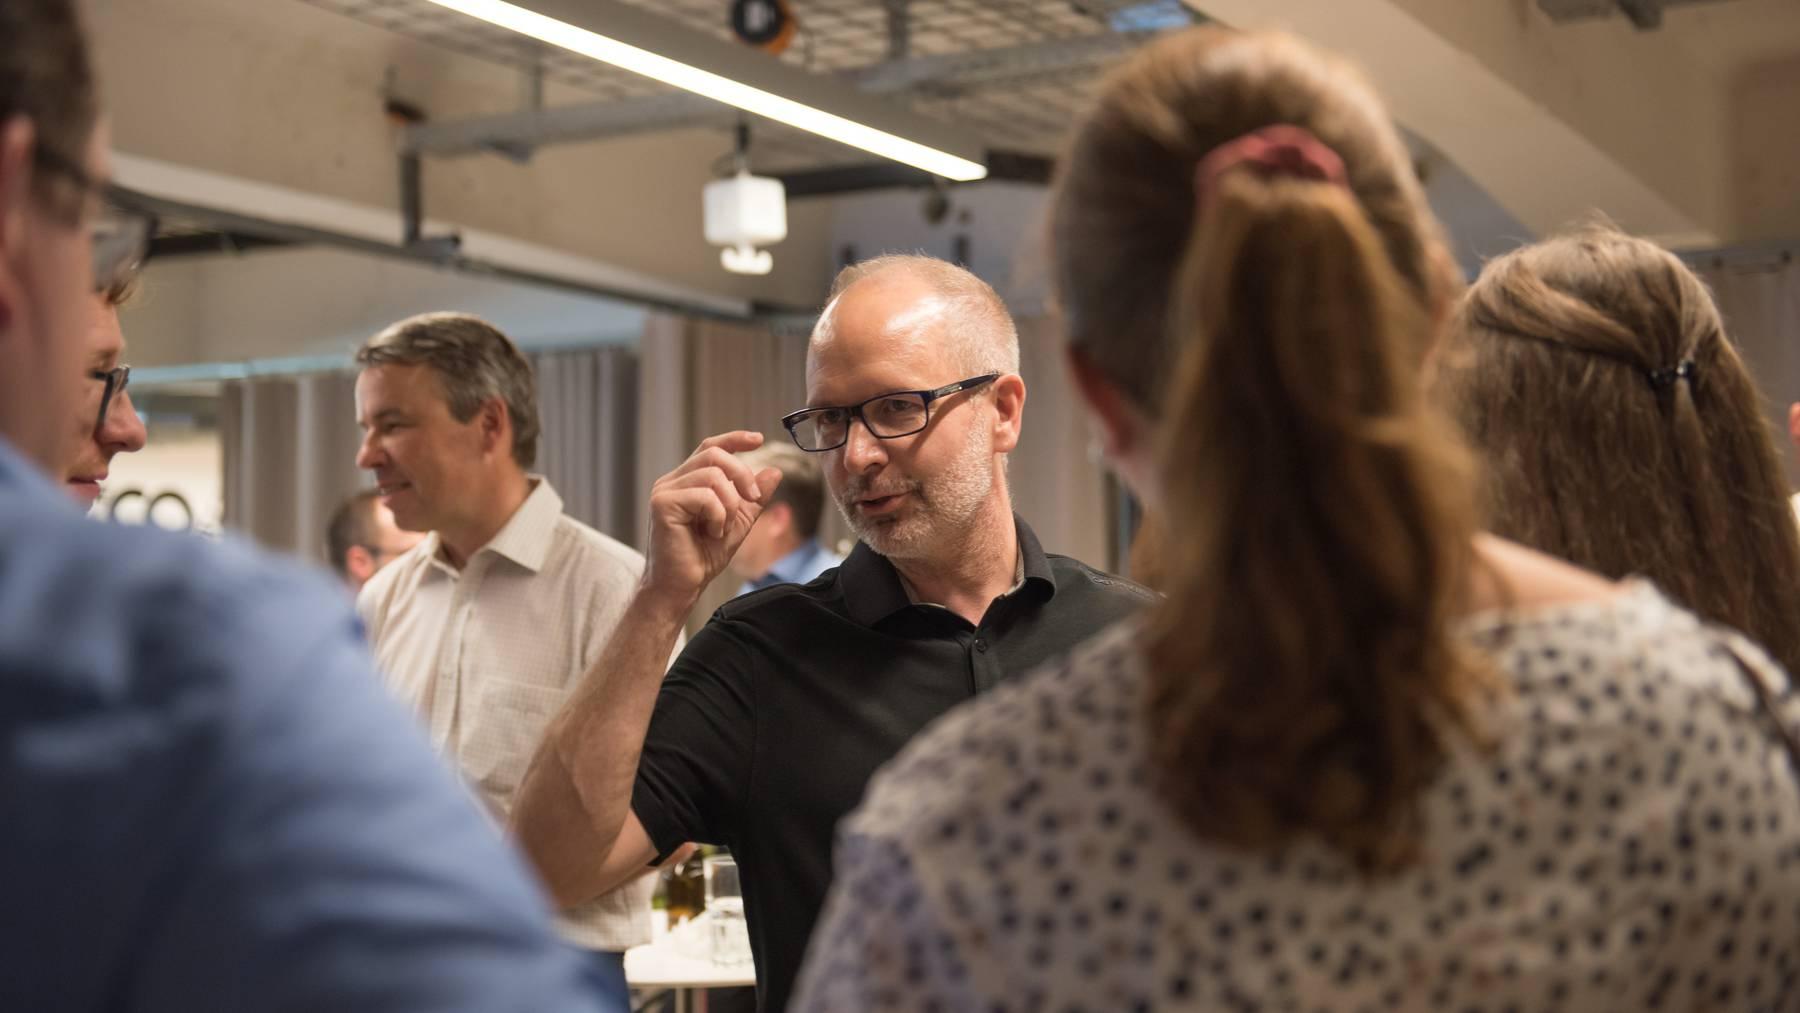 Regierungsrat und Bildungsdirektor Stefan Kölliker ist erleichtert über den Ausgang der Abstimmung zum neuen HSG-Campus in der Stadt St.Gallen.